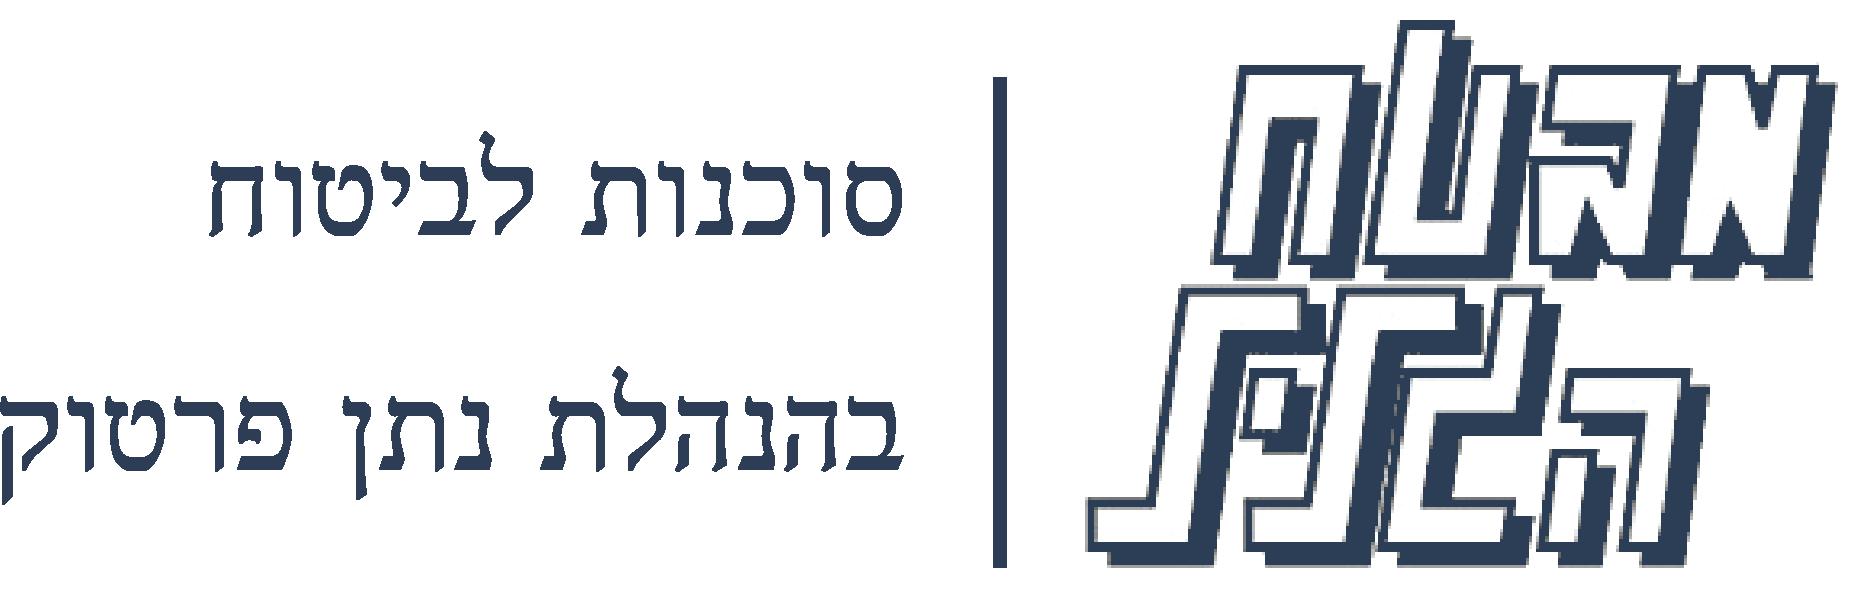 לוגו מבטח הגליל